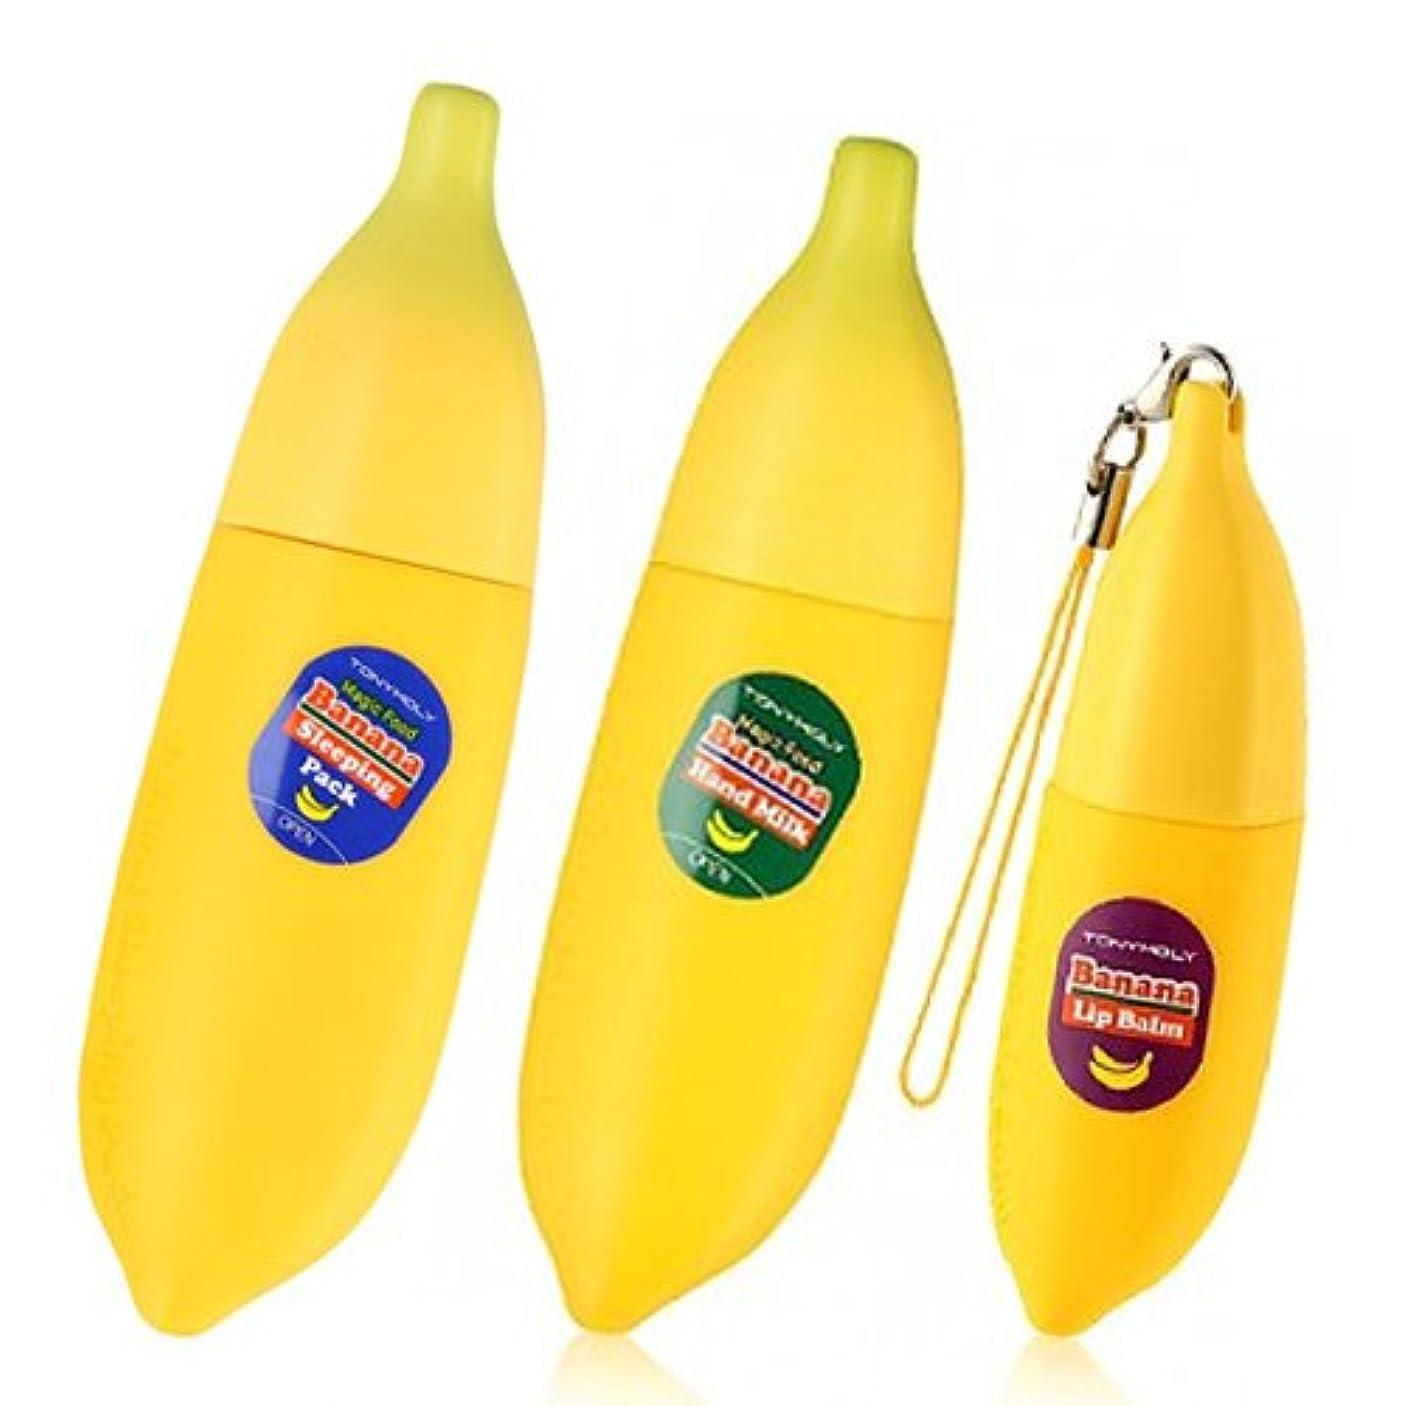 ディスパッチ深く大人TONYMOLY (トニーモリ―) マジックフードバナナ3種類1セット(スリーピングパック+ハンドクリーム+リップバーム) Magic Food Banana of 3 Types (Sleeping Pack+Hand...